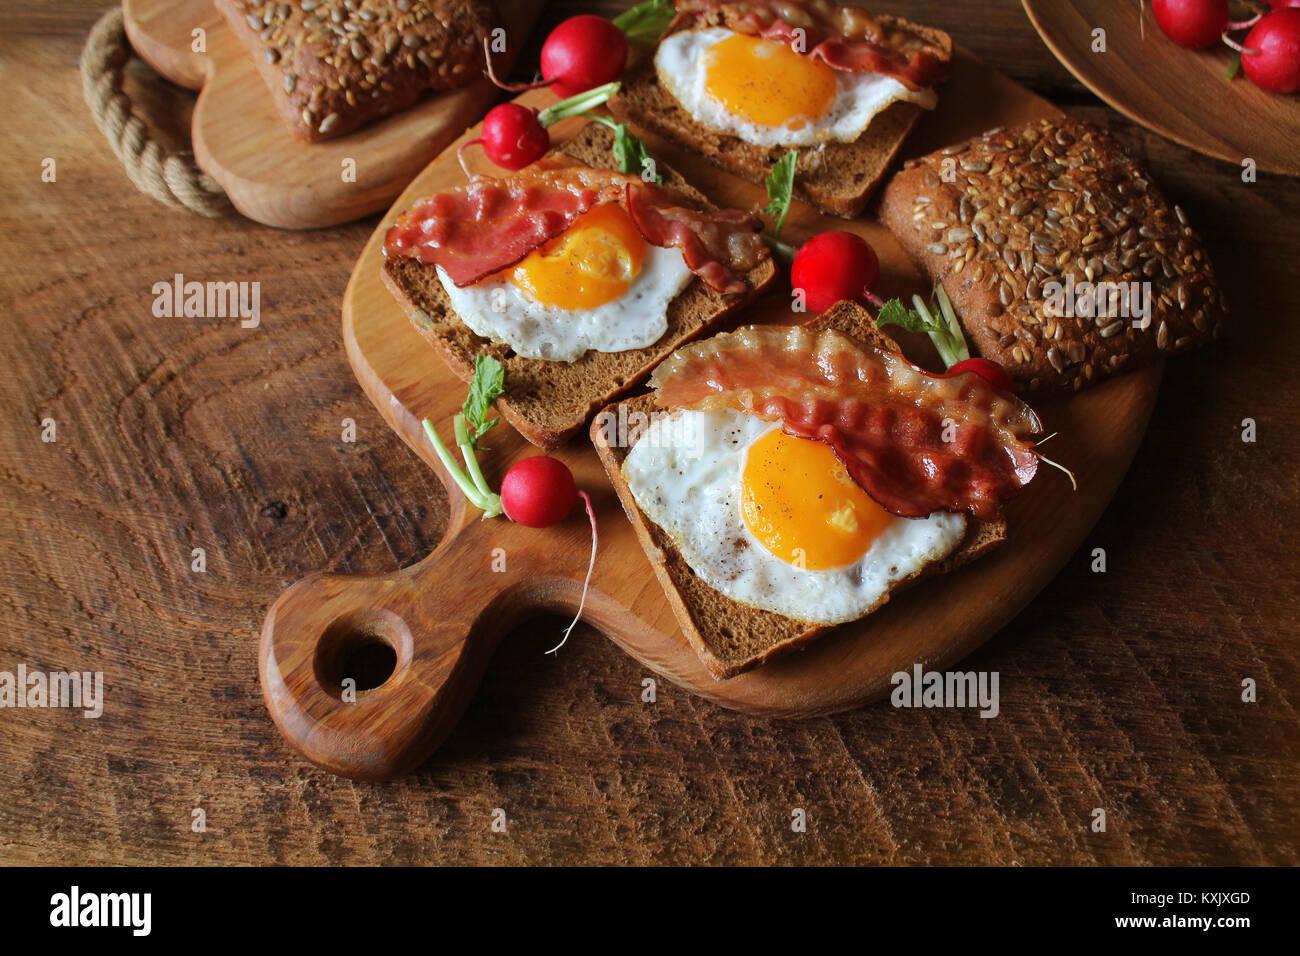 Petit-déjeuner de bacon croustillant, les œufs et le pain. Des sandwichs sur une planche à découper. Photo Stock